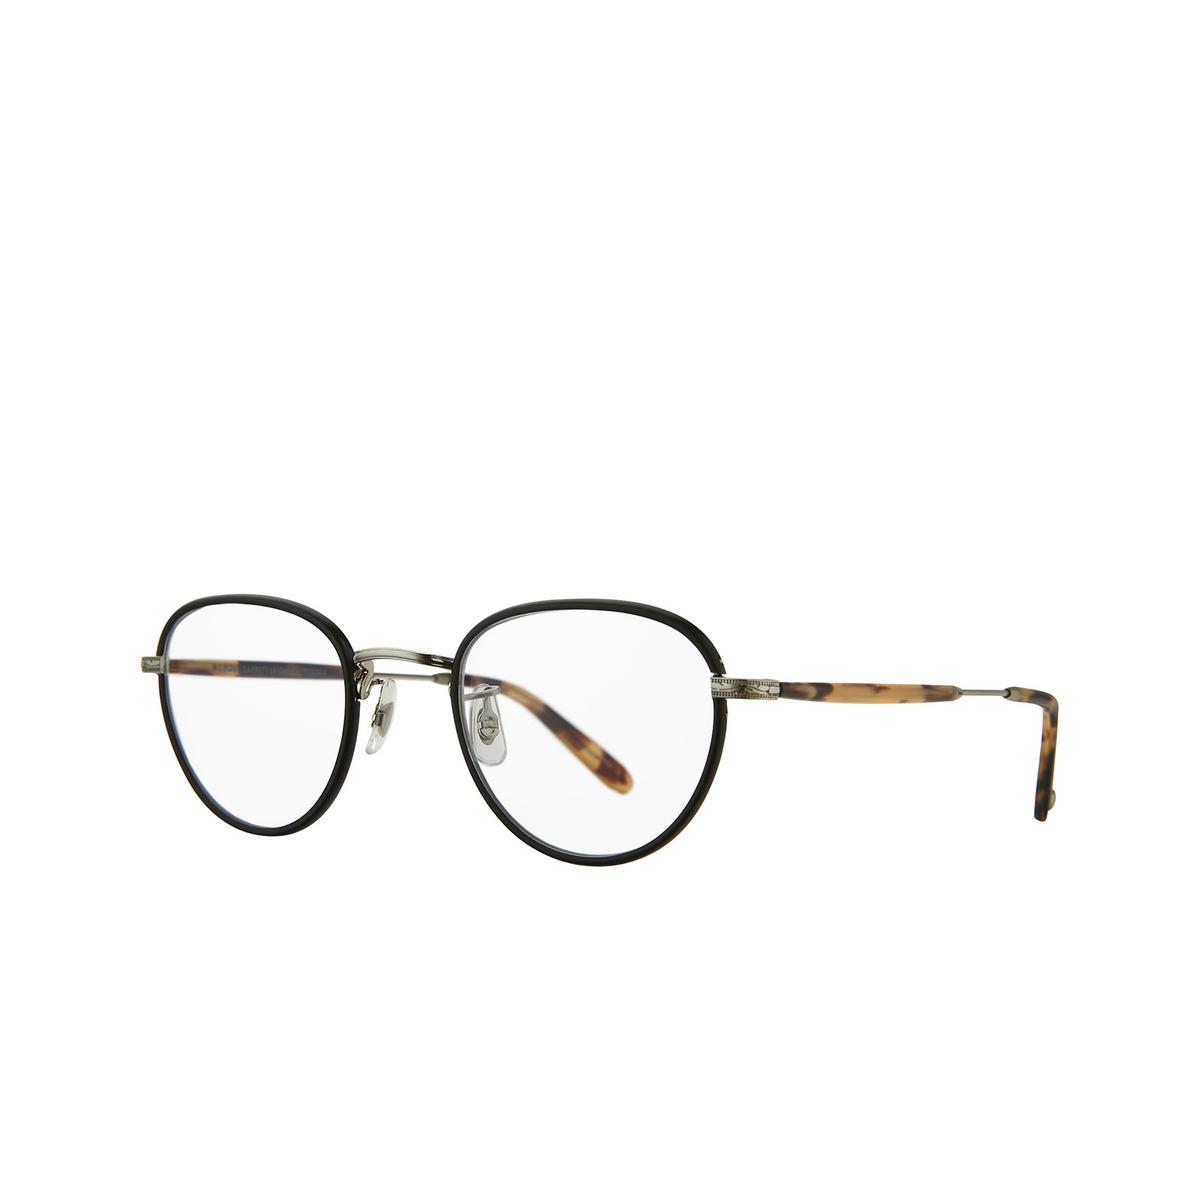 Garrett Leight® Square Eyeglasses: Wiltern color Matt Black - Silver Mbk-bs-mdkt.